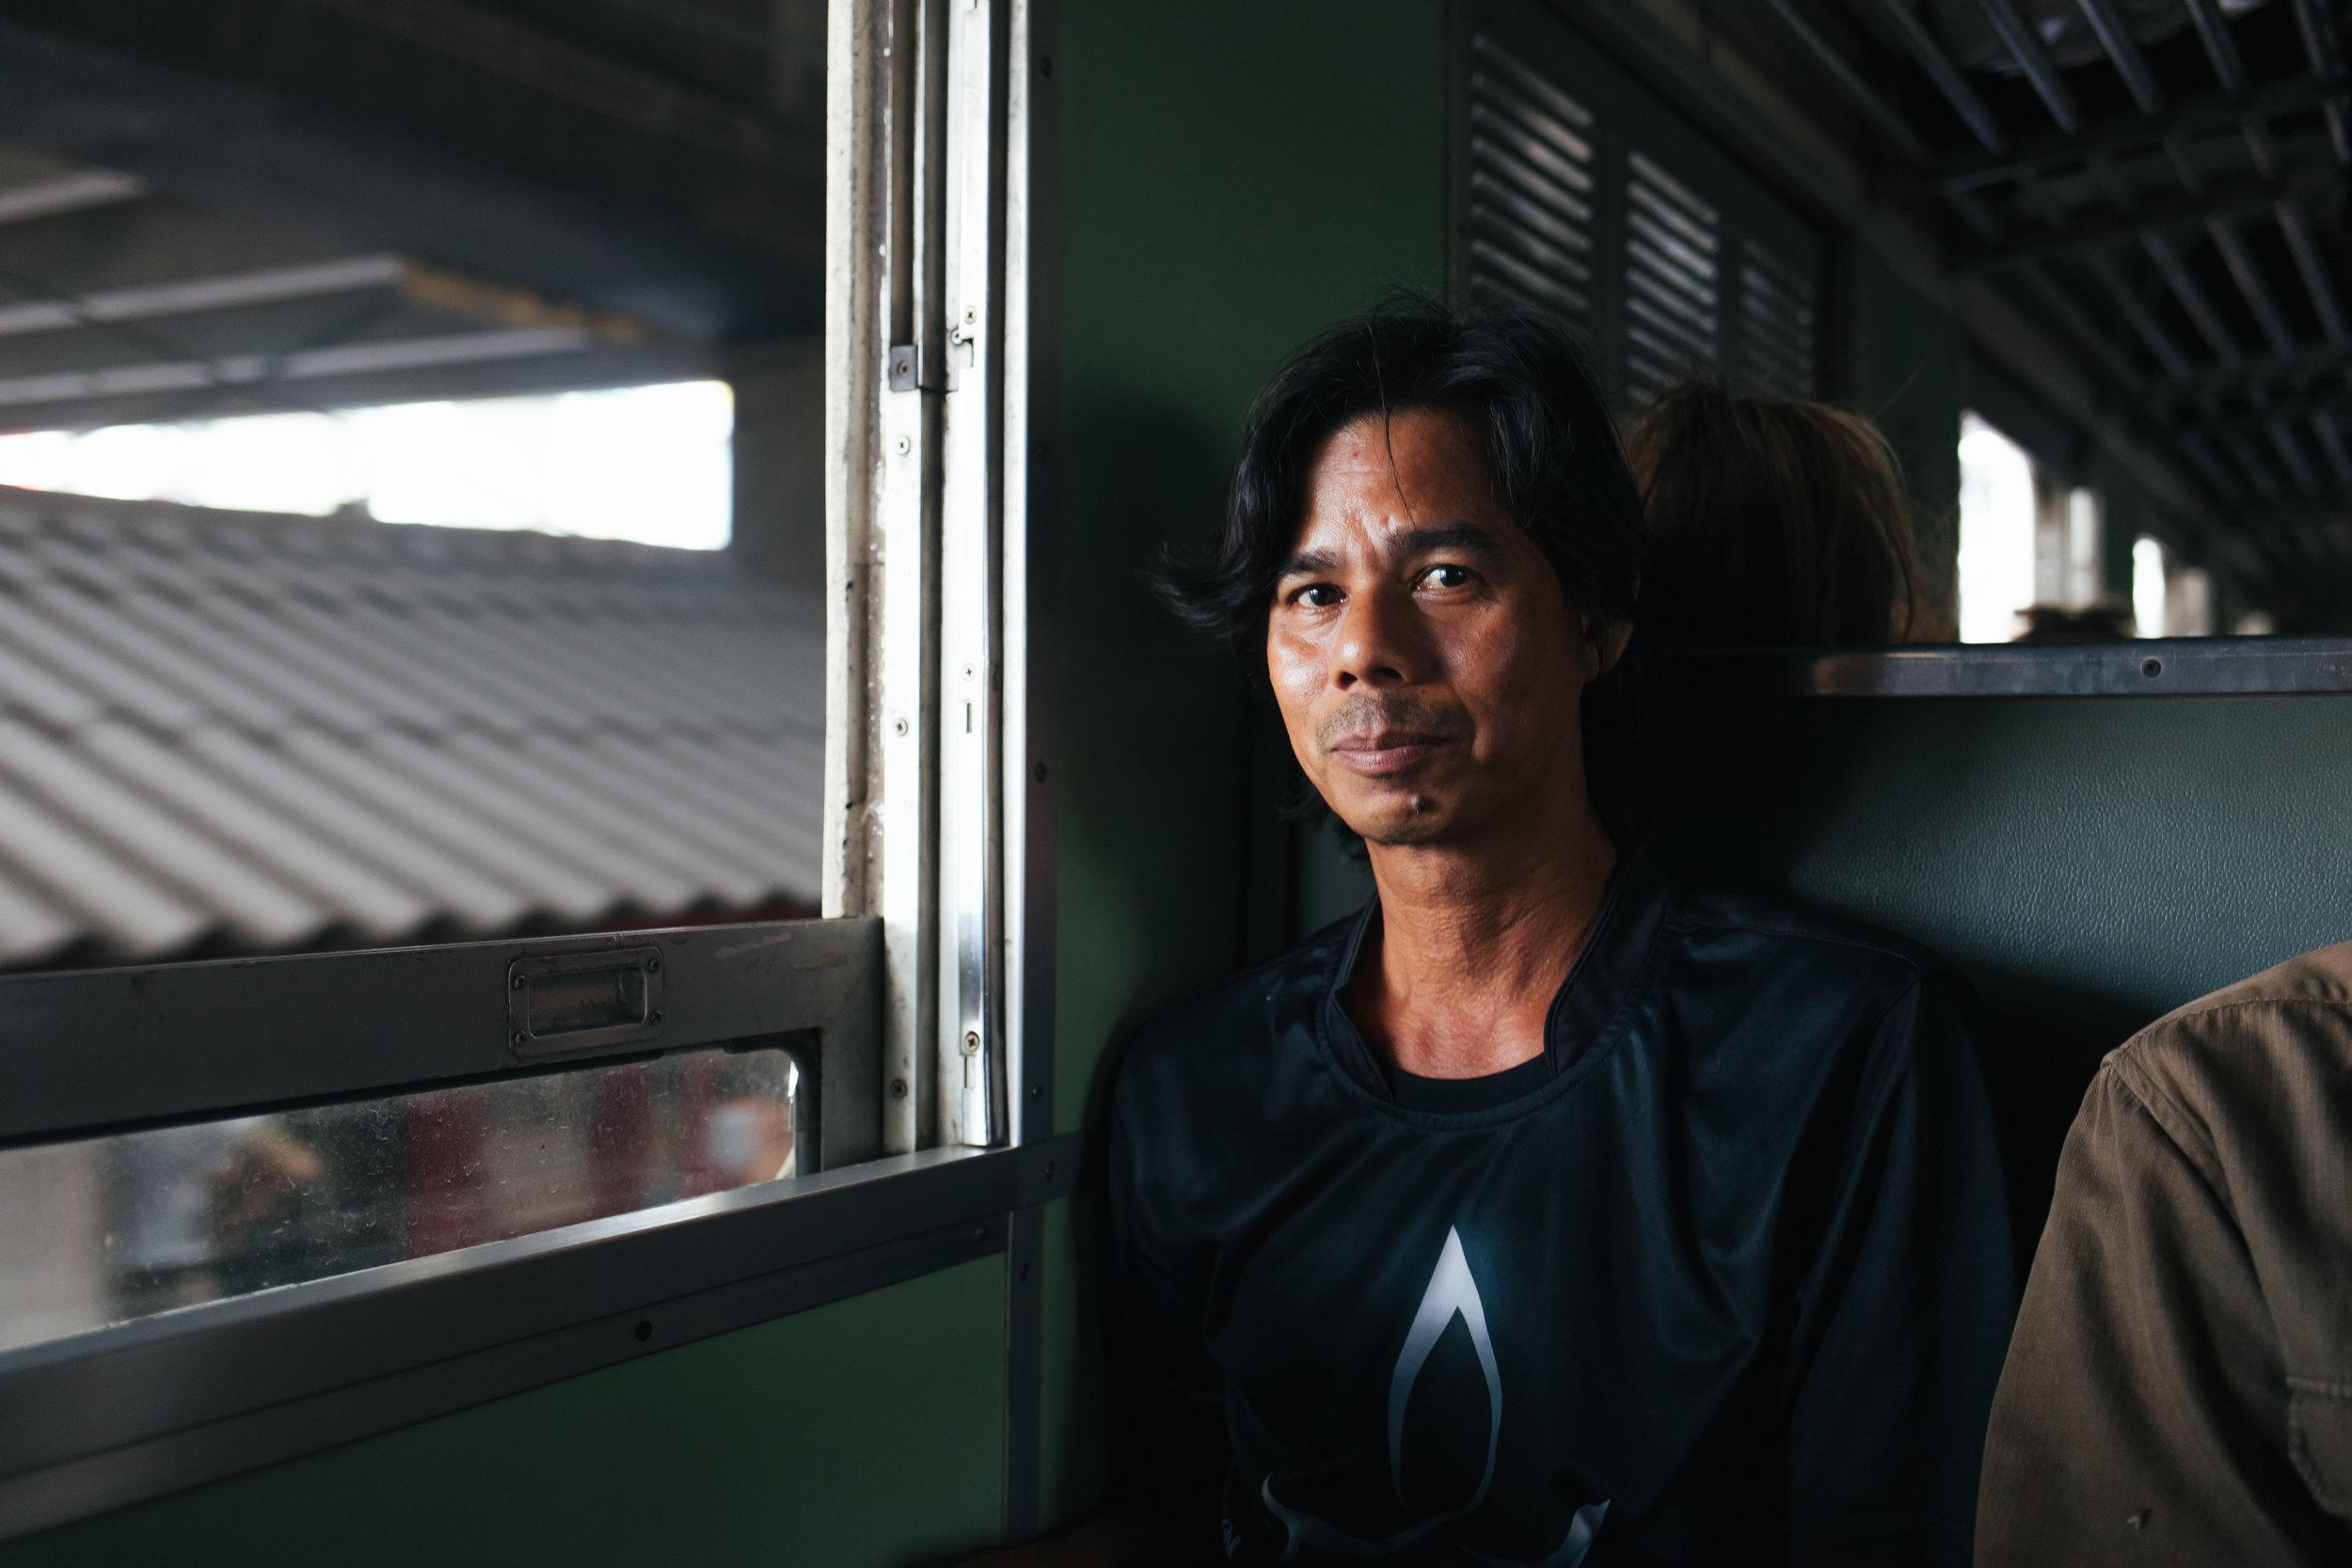 thailand_lampang_ayuthaya_train (53 of 77).jpg